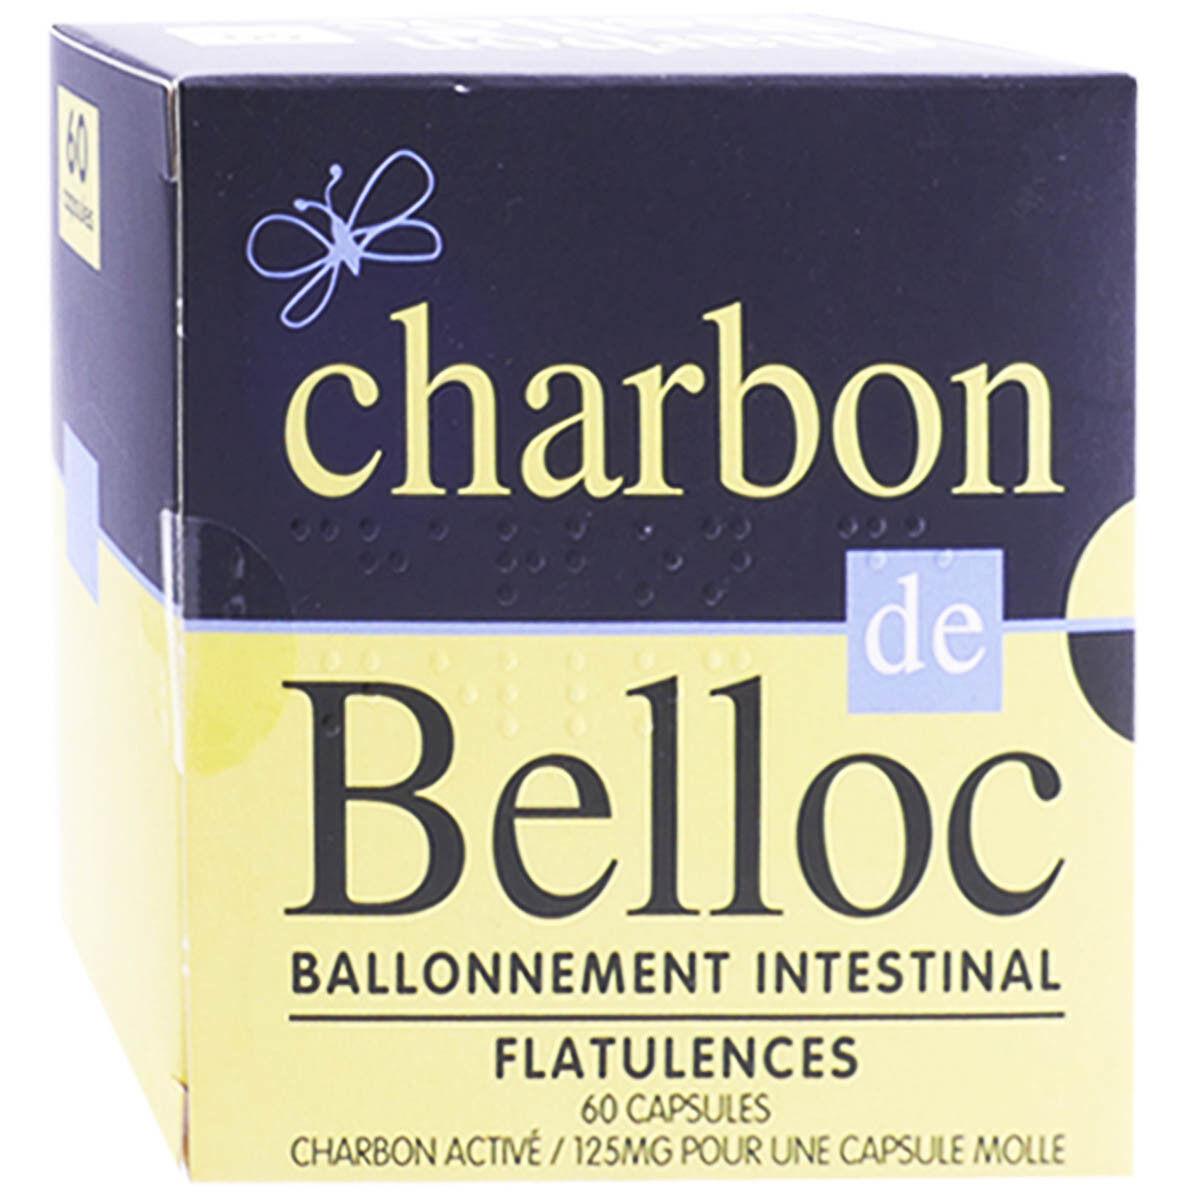 URGO Charbon de belloc ballonnement intestinal 60 capsules